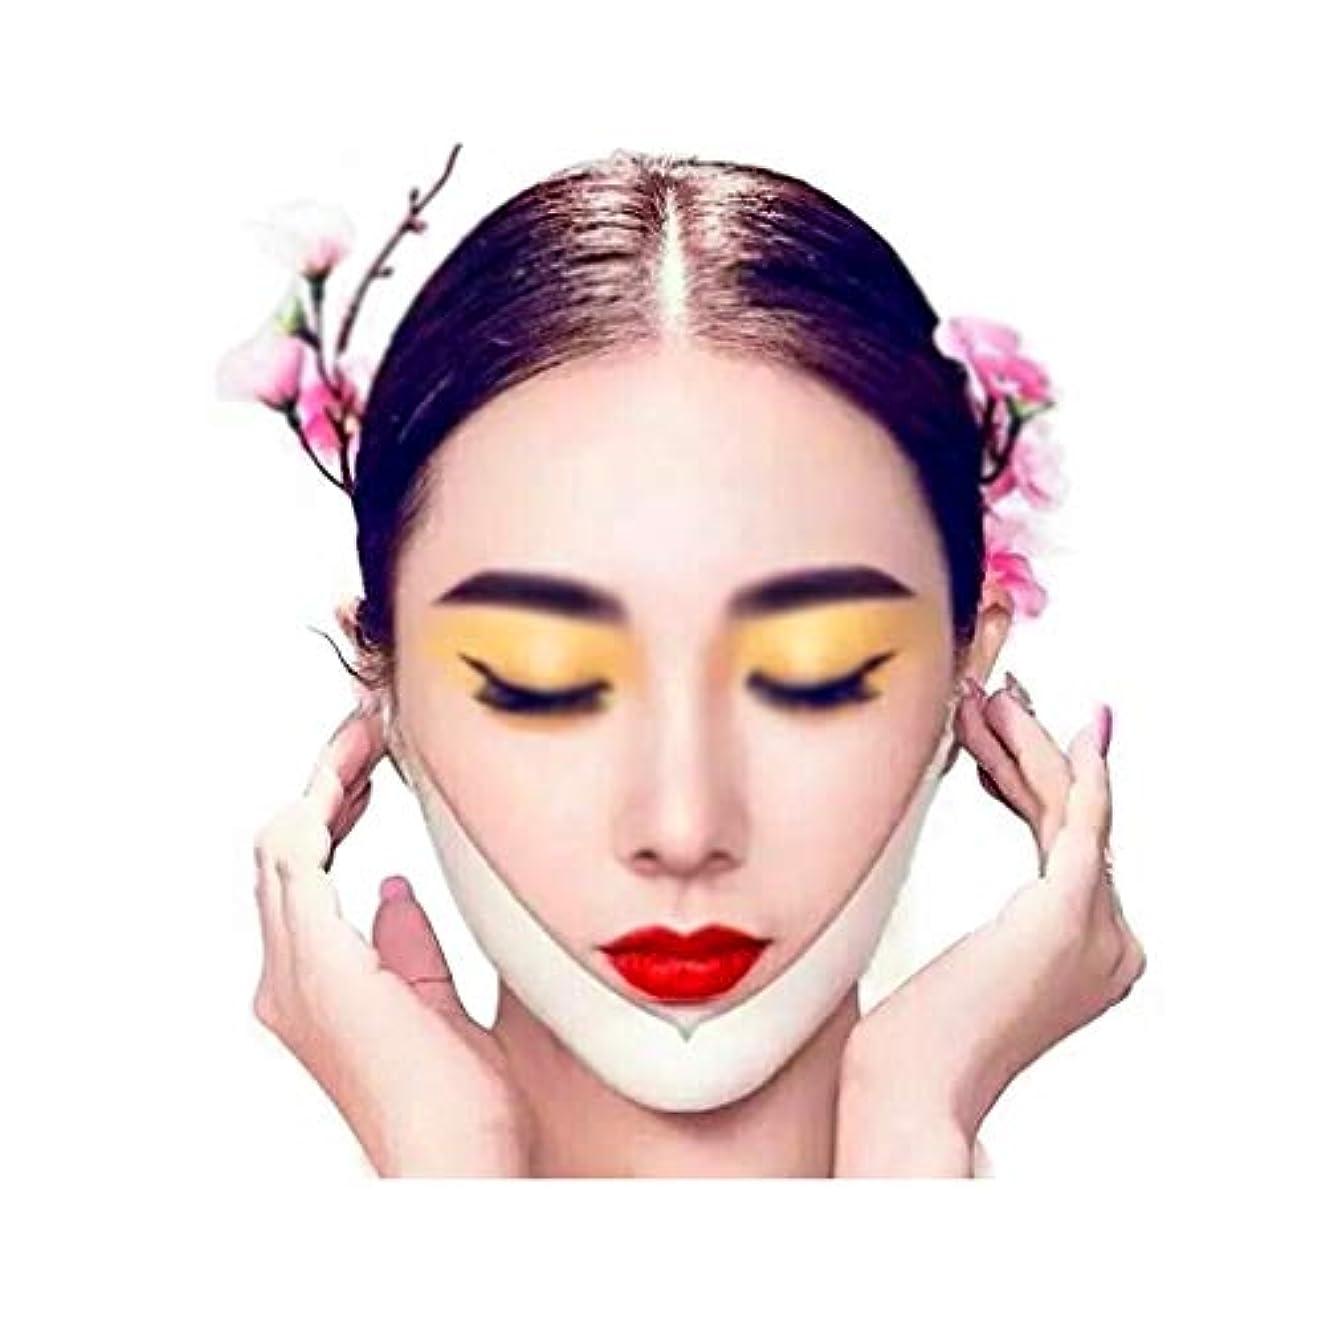 肥満疑問に思う継承XHLMRMJ 薄い顔のマスク、Vの顔の包帯、下顎の咬筋のあごを改善して顔のラインを形作る、5つのボックス、3つの顔のマスク